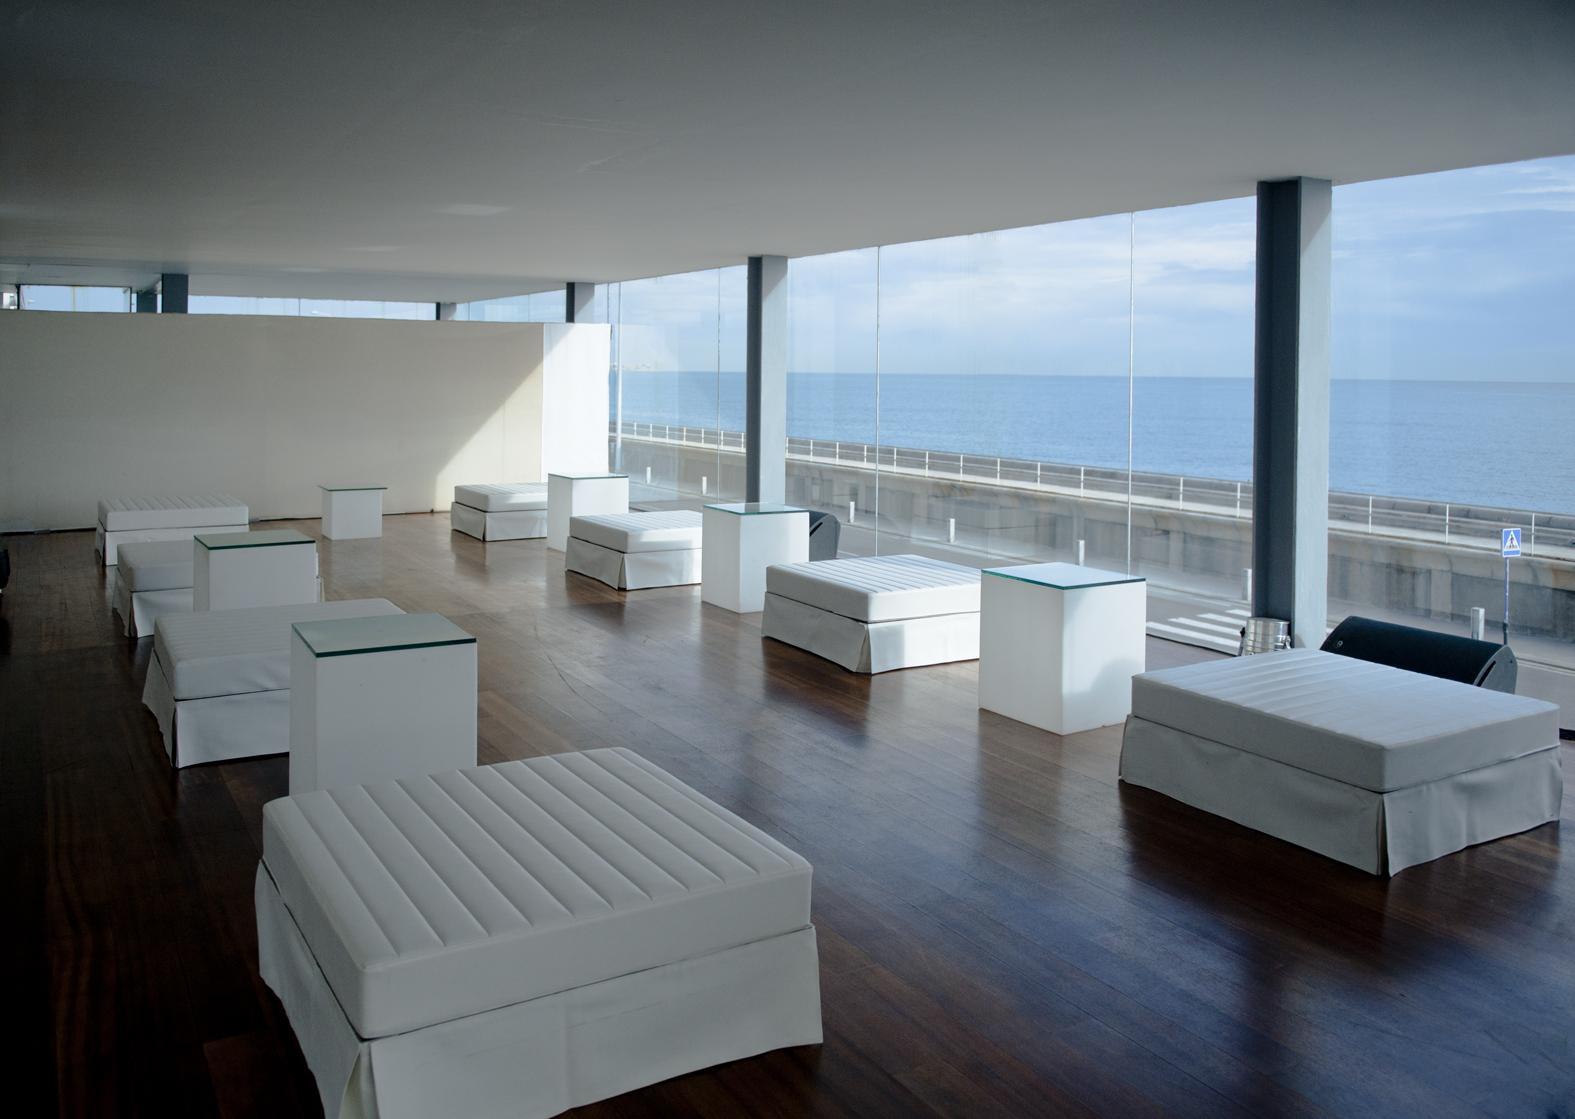 Idehadas interior design curso de fotograf a para - Arquitectos interioristas ...